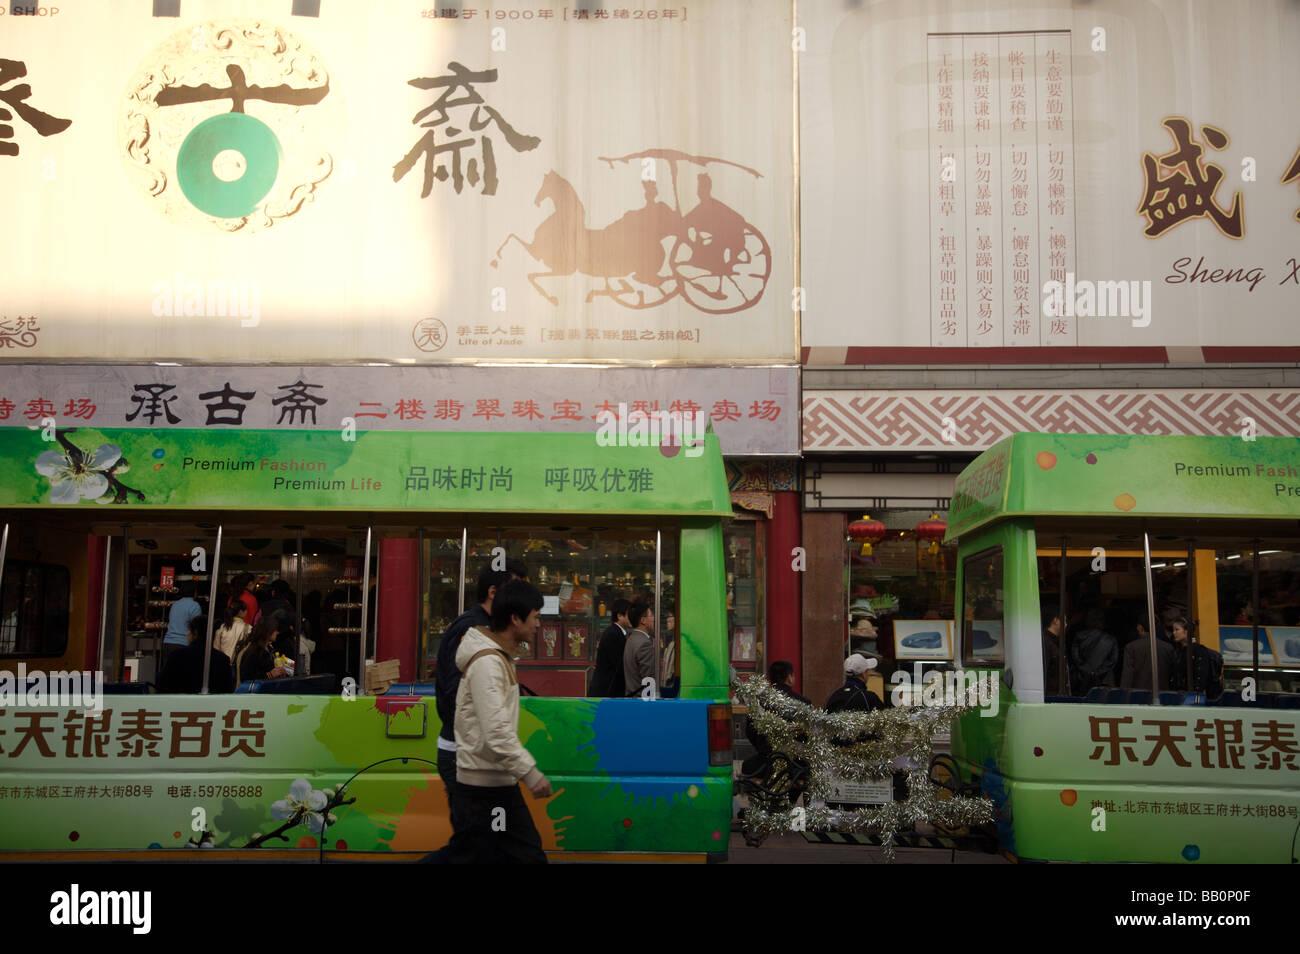 Street scene Beijing China - Stock Image